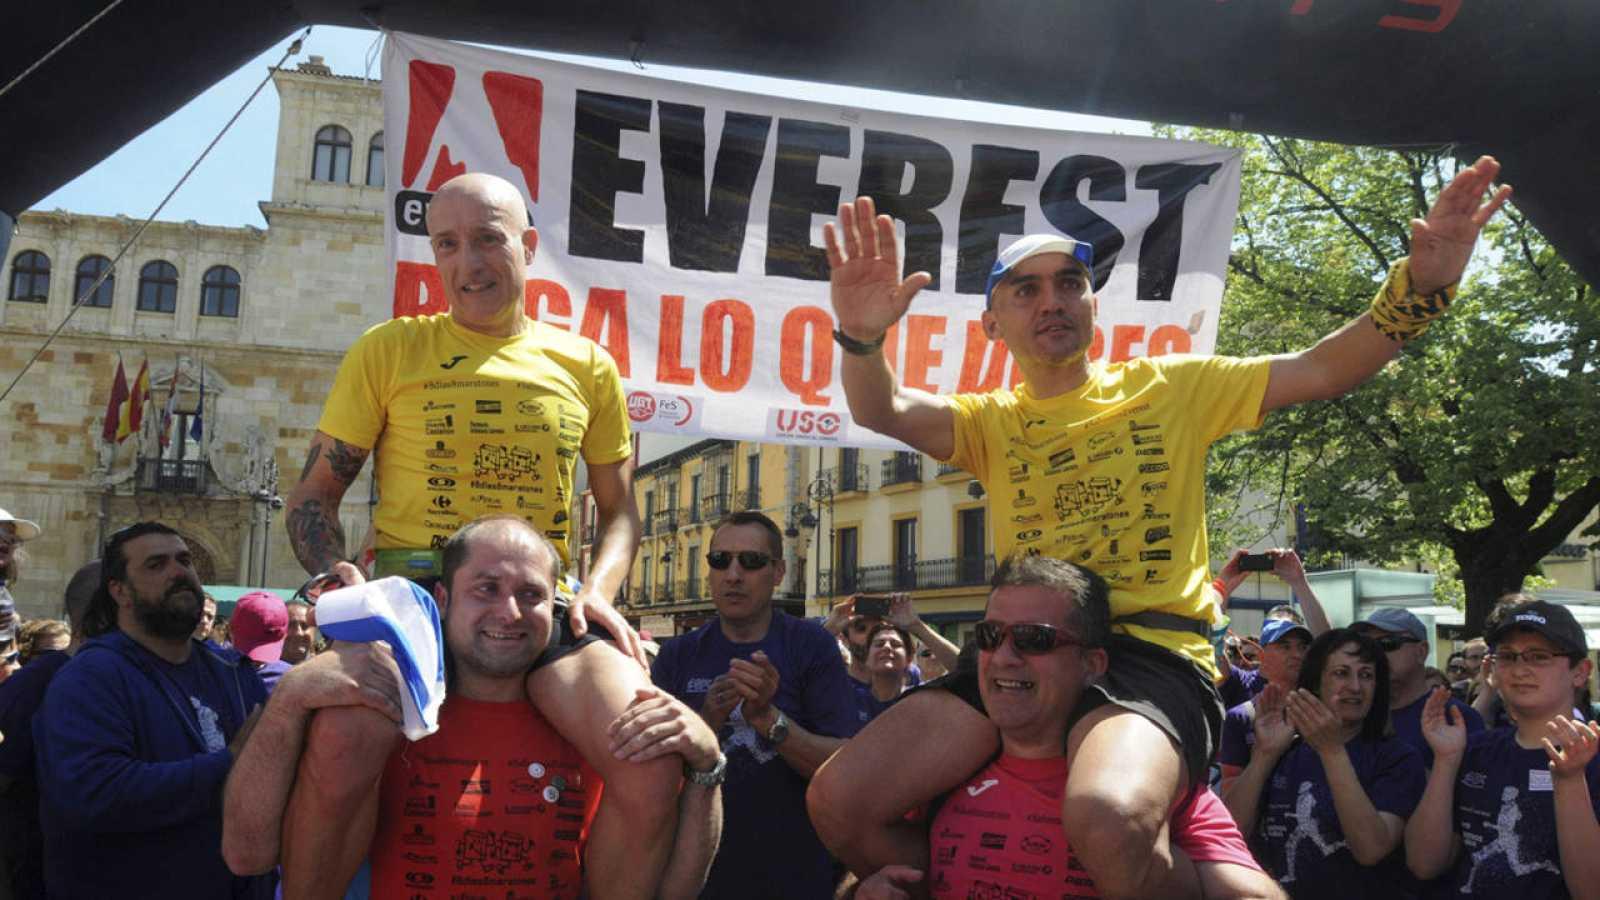 Dos empleados de Everest, tras correr ocho maratones en ocho días, en protesta por el conflicto laboral